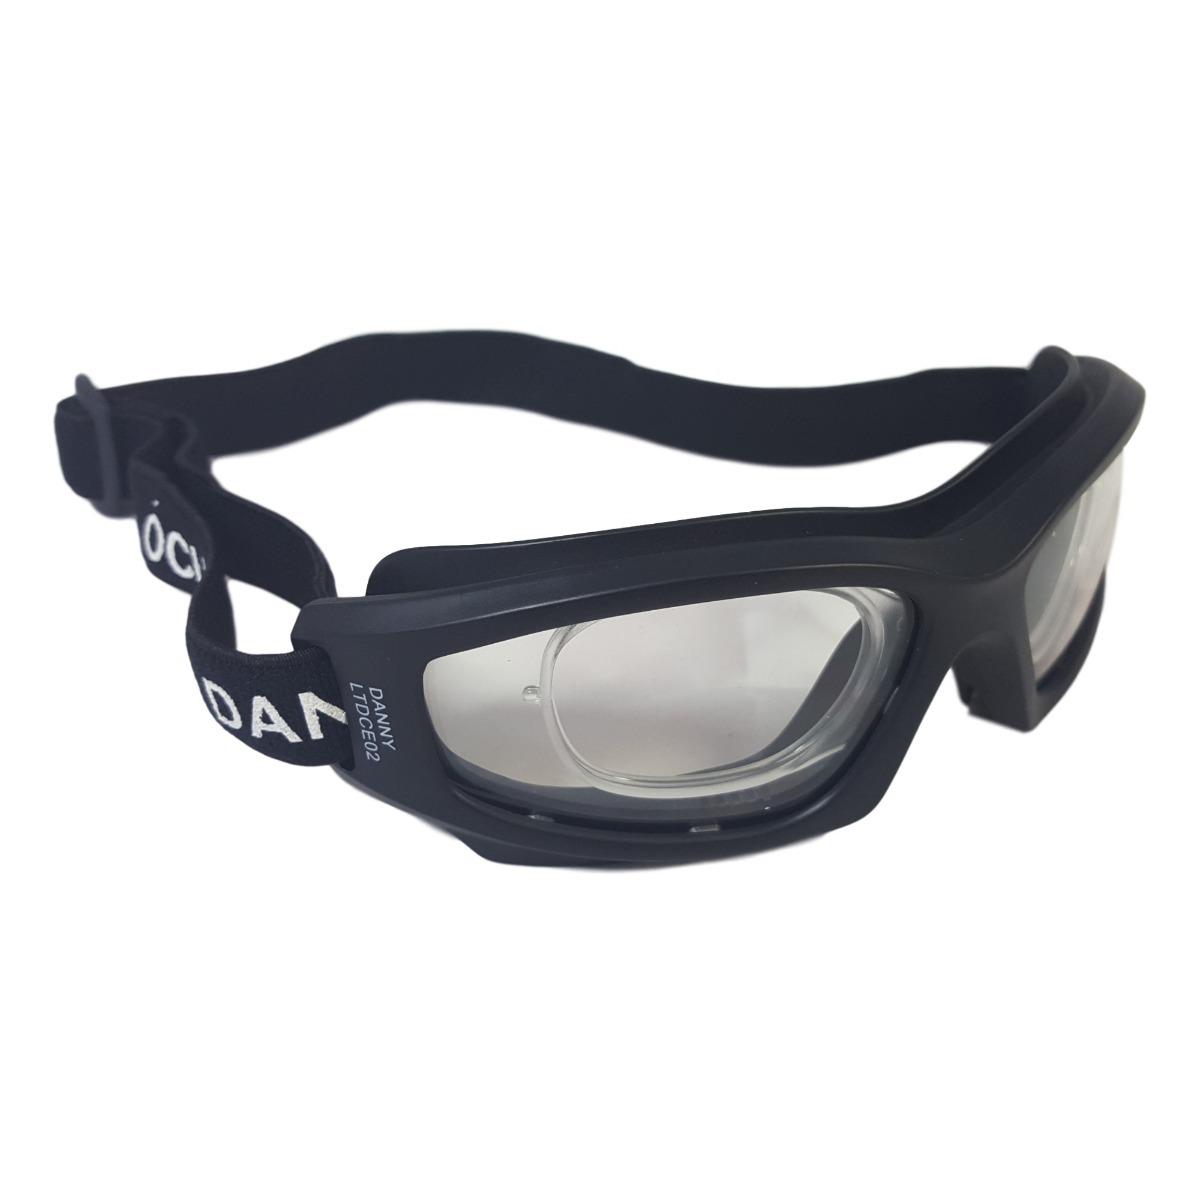 12b0bb8cb6aa7 oculos de proteção d tech com suporte para lente de grau. Carregando zoom.